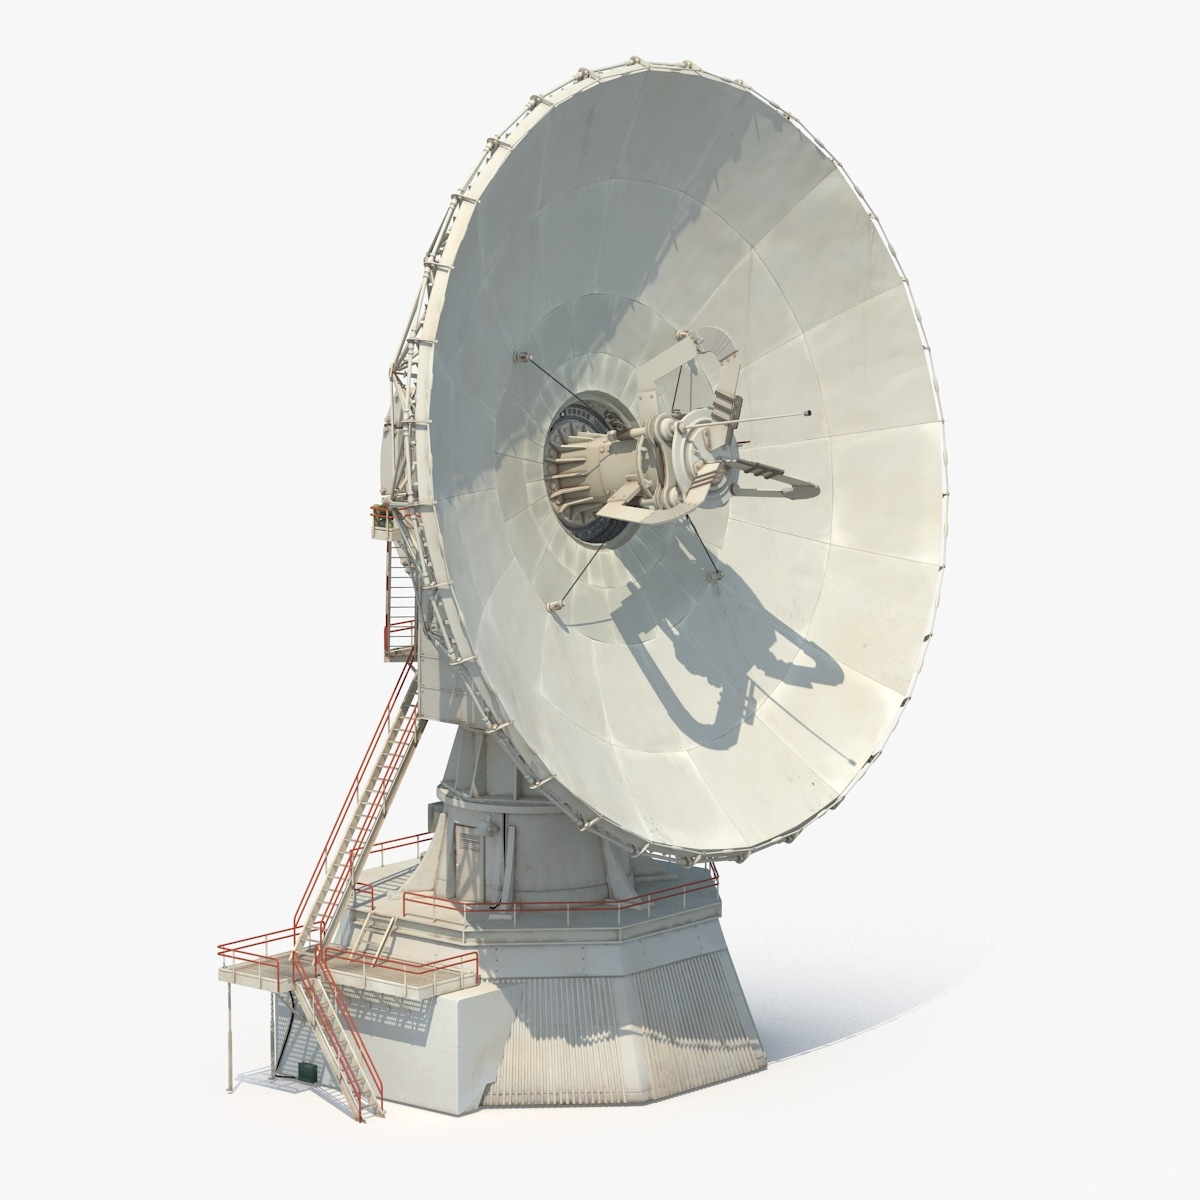 Satelite_dish_SQRSignature_0000.jpg